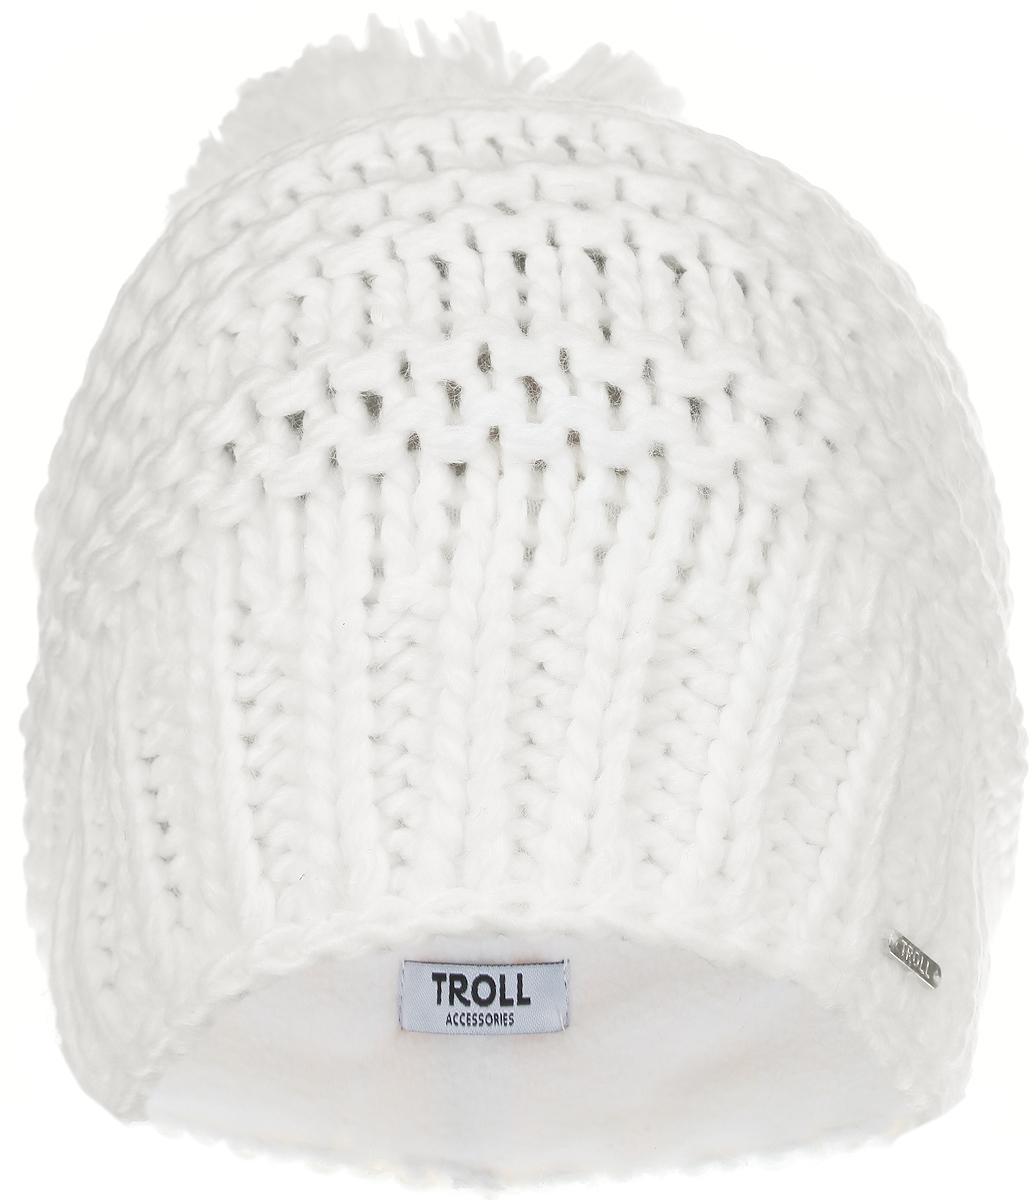 Шапка женская. TCZ0195BETCZ0195BEСтильная женская шапка Troll отлично дополнит ваш образ в холодную погоду. Шапка, выполненная из 100%-го акрила, отлично сохраняет тепло. Вязка в резинку по нижнему краю изделия обеспечивает удобную посадку. Классическая модель снабжена помпоном и небольшим декоративным элементом с надписью Troll. Такая модель комфортна и приятна на ощупь, она великолепно подчеркнет ваш вкус. Такая шапка станет отличным дополнением к вашему осеннему или зимнему гардеробу, в ней вам будет уютно и тепло!